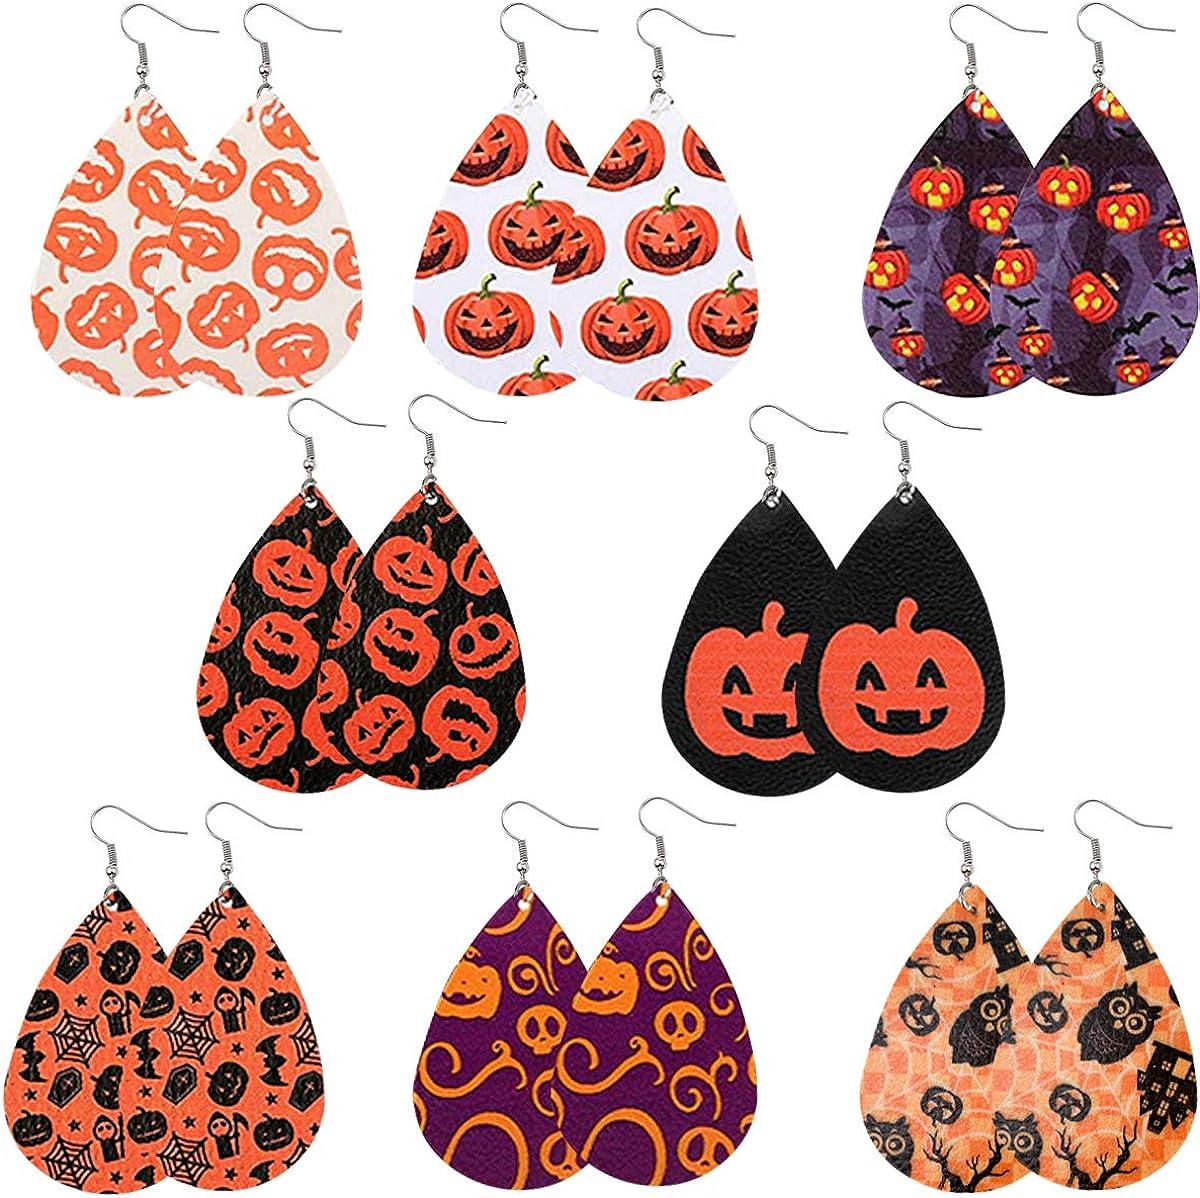 Faux Leather earrings embroidered vinyl earrings teardrop light weight dangle Halloween pumpkin Jack o lantern orange black chevron